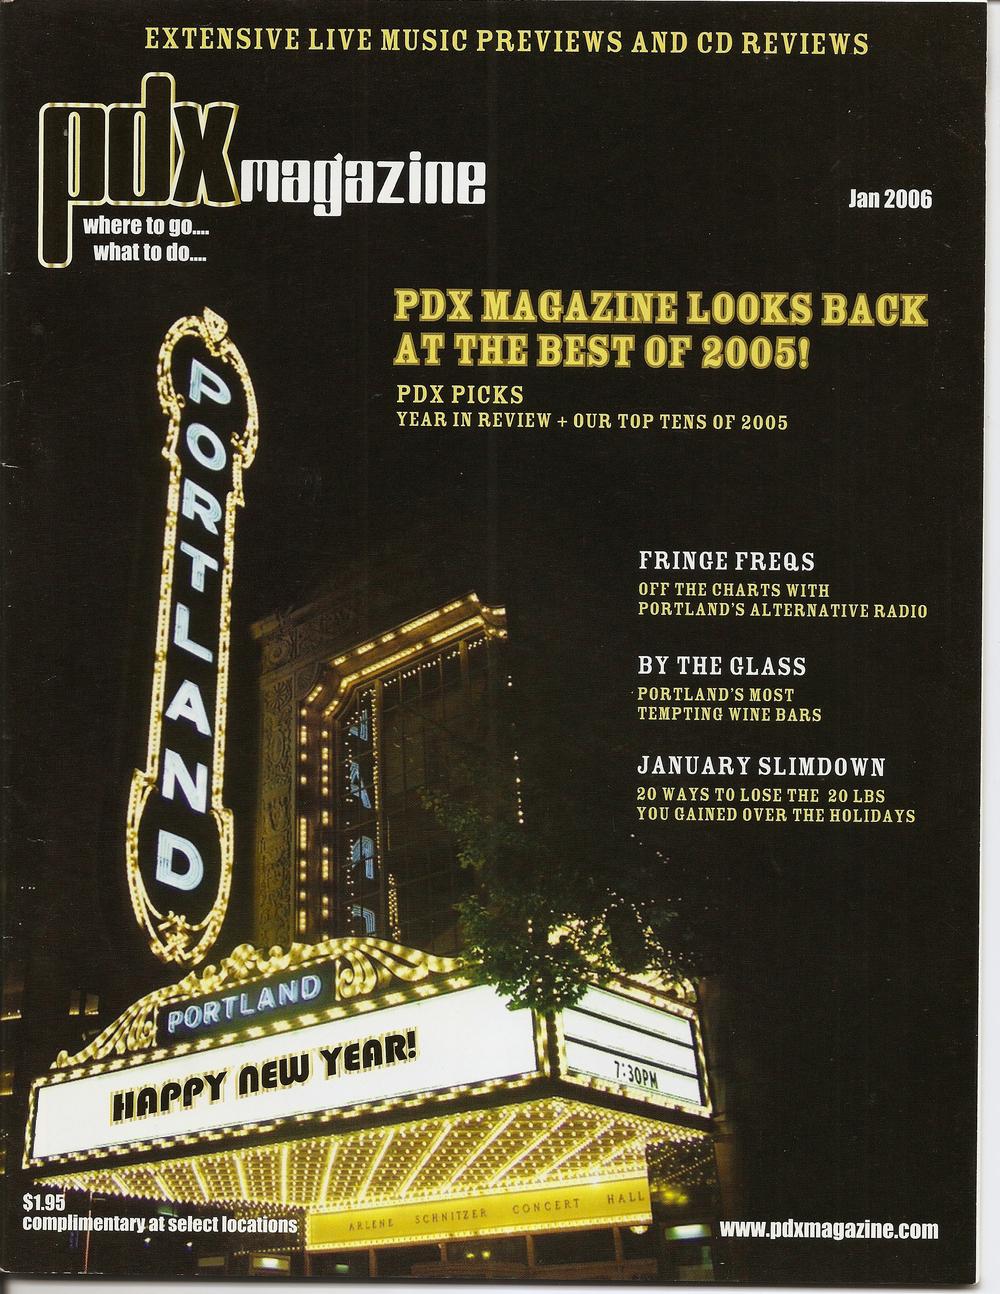 PDX Magazine, Jan '06